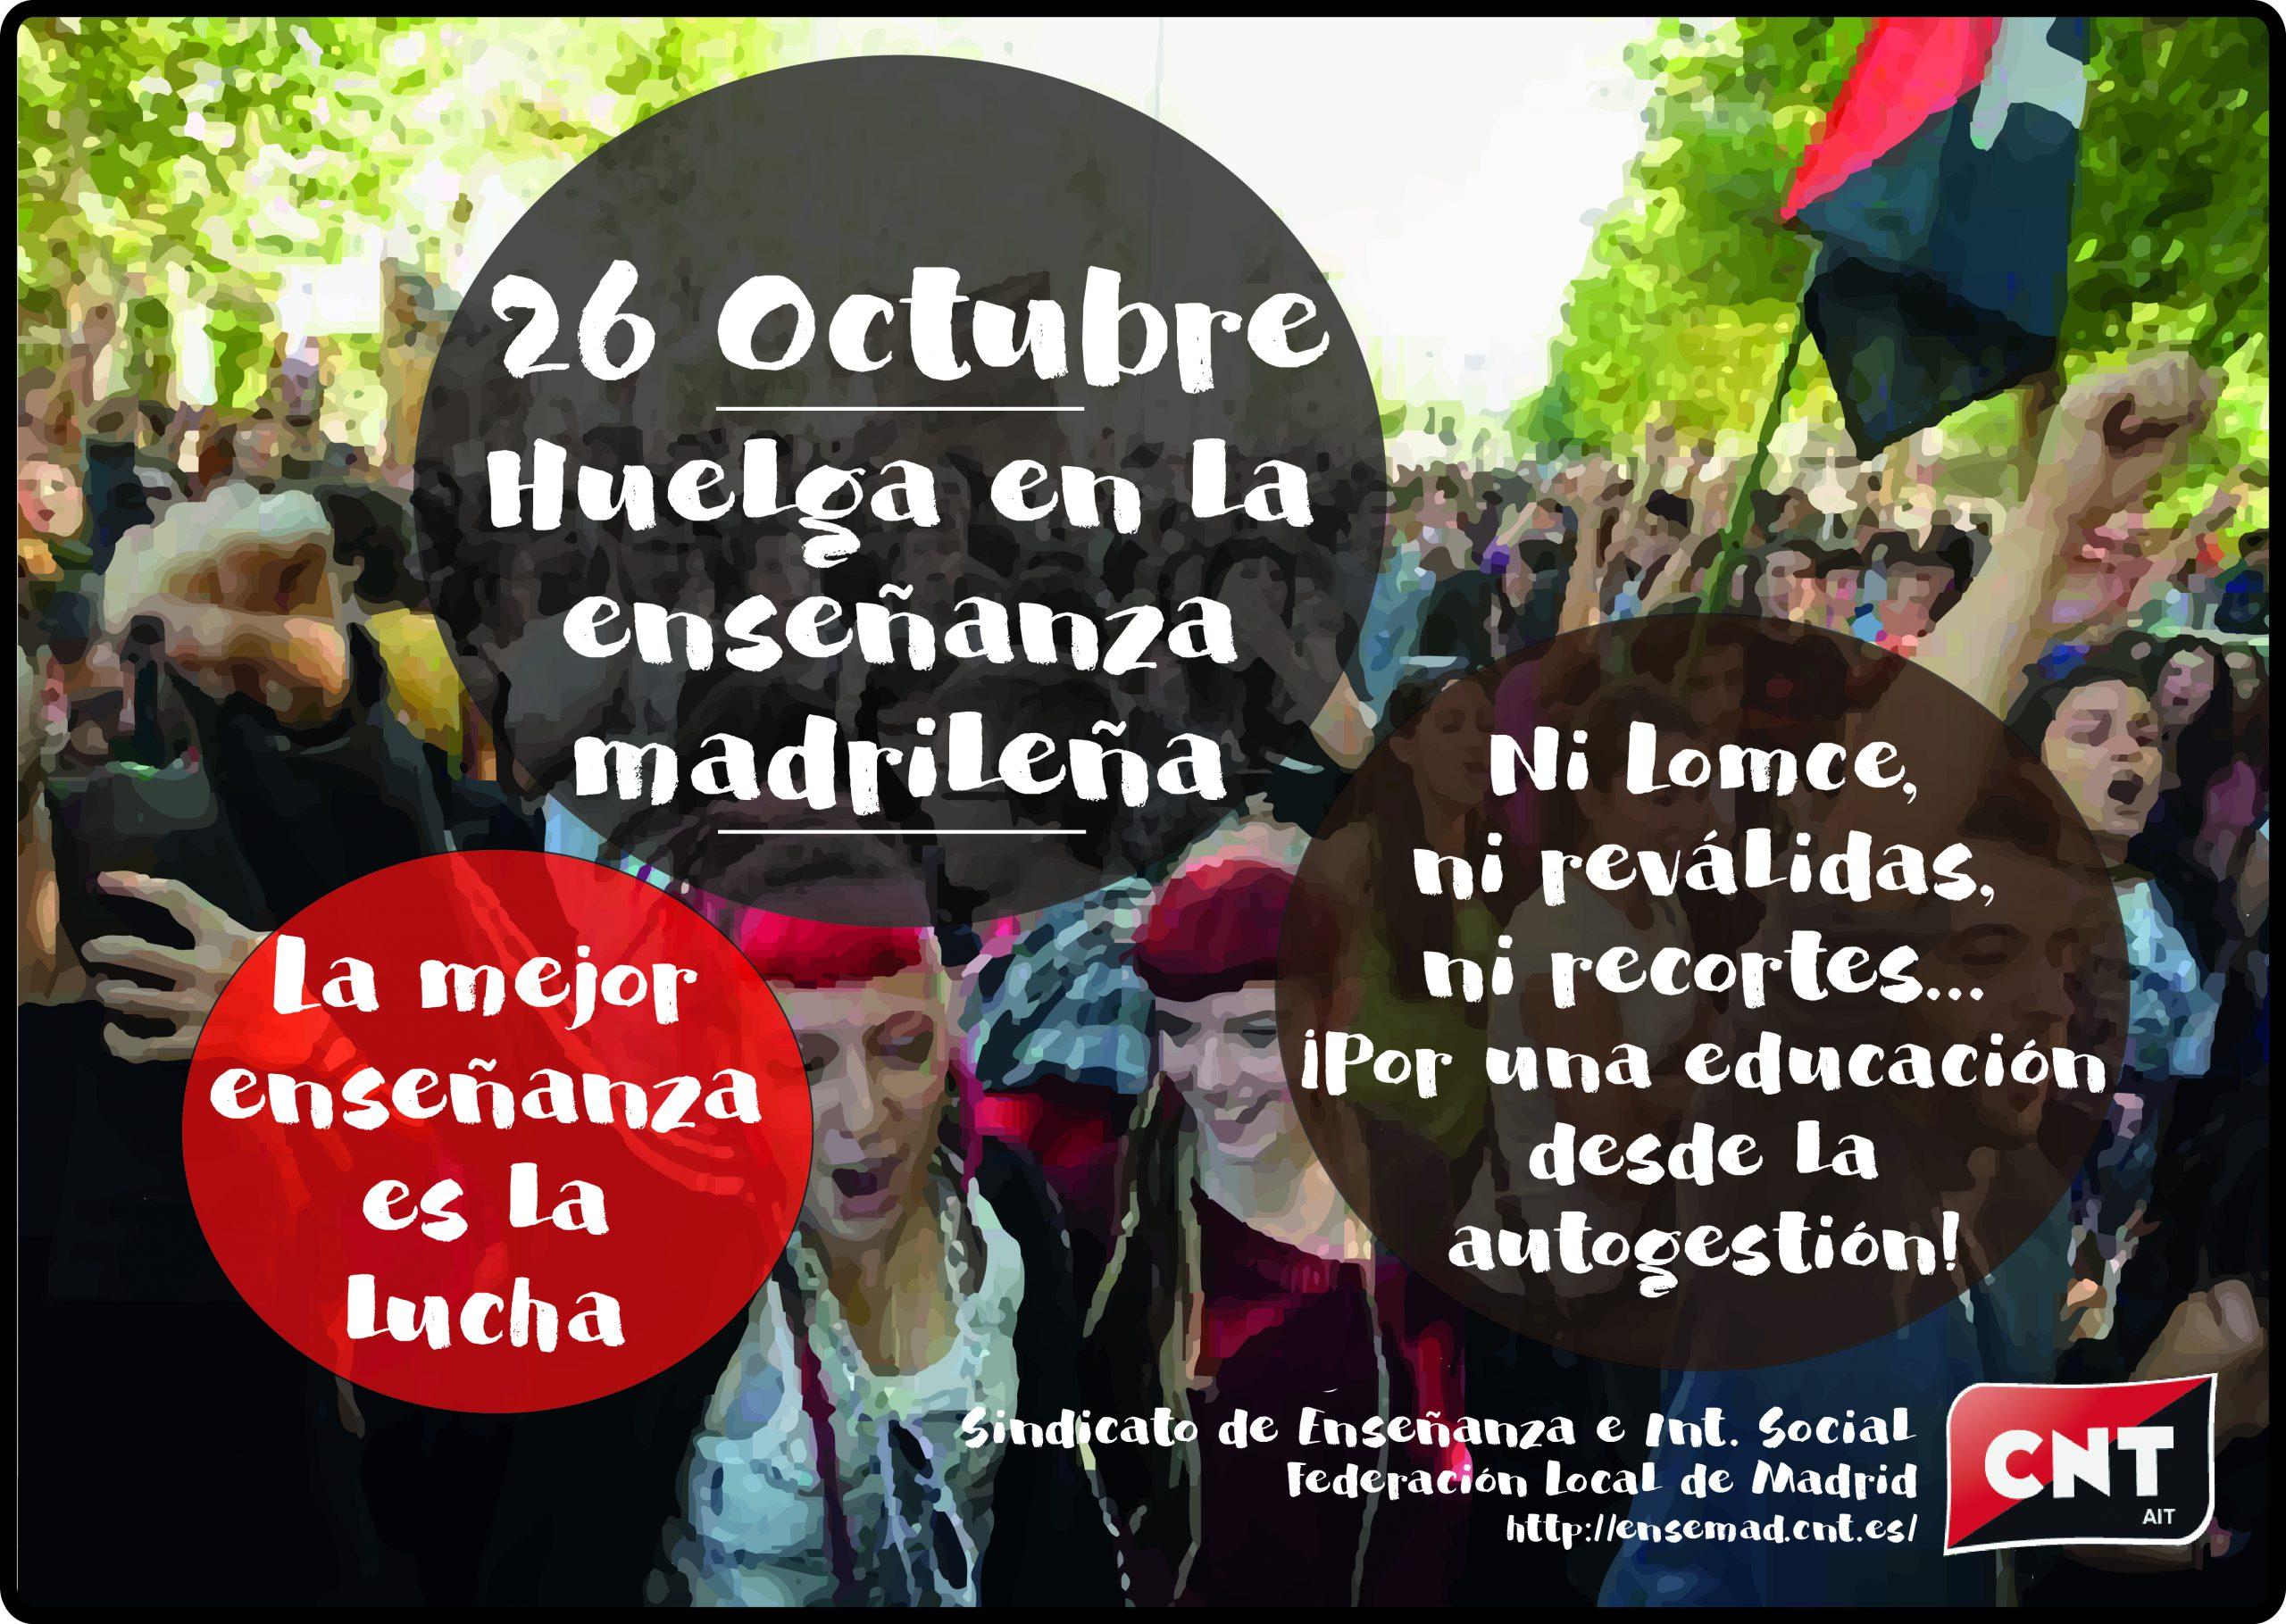 cartel_huelga_26octubre2016